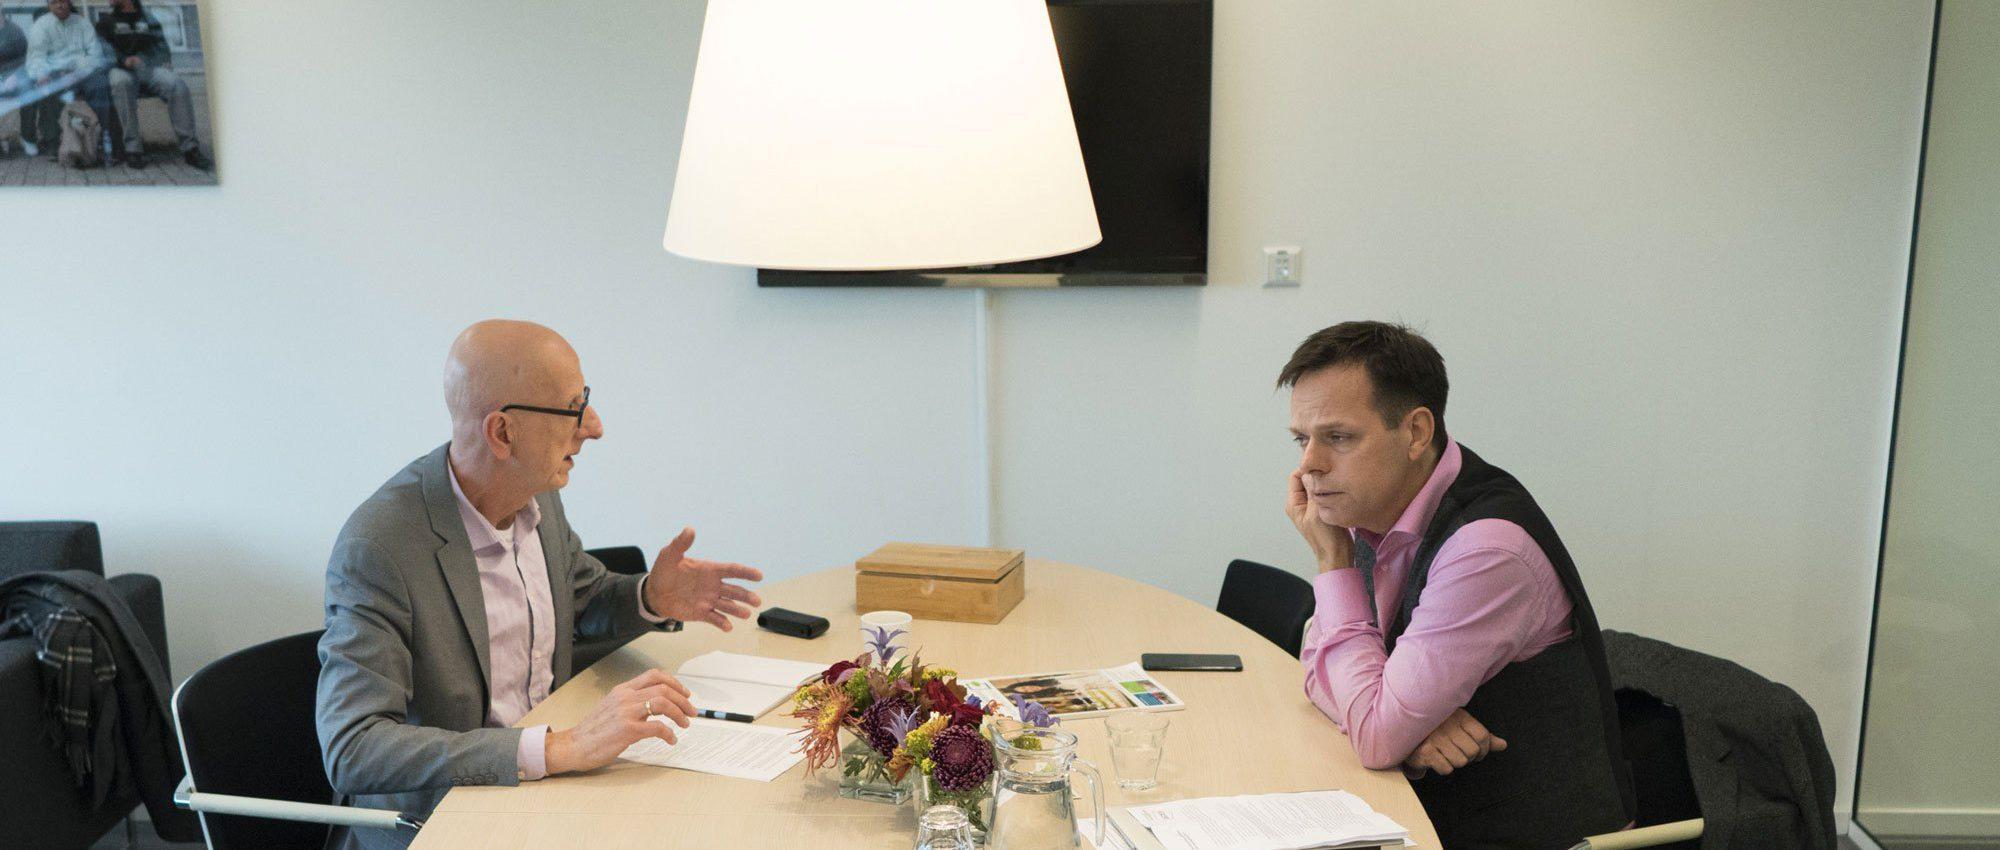 Tom de Hoog   CONTEXT interviewt Marnix Norder van Aedes (foto: Robert Tjalondo)